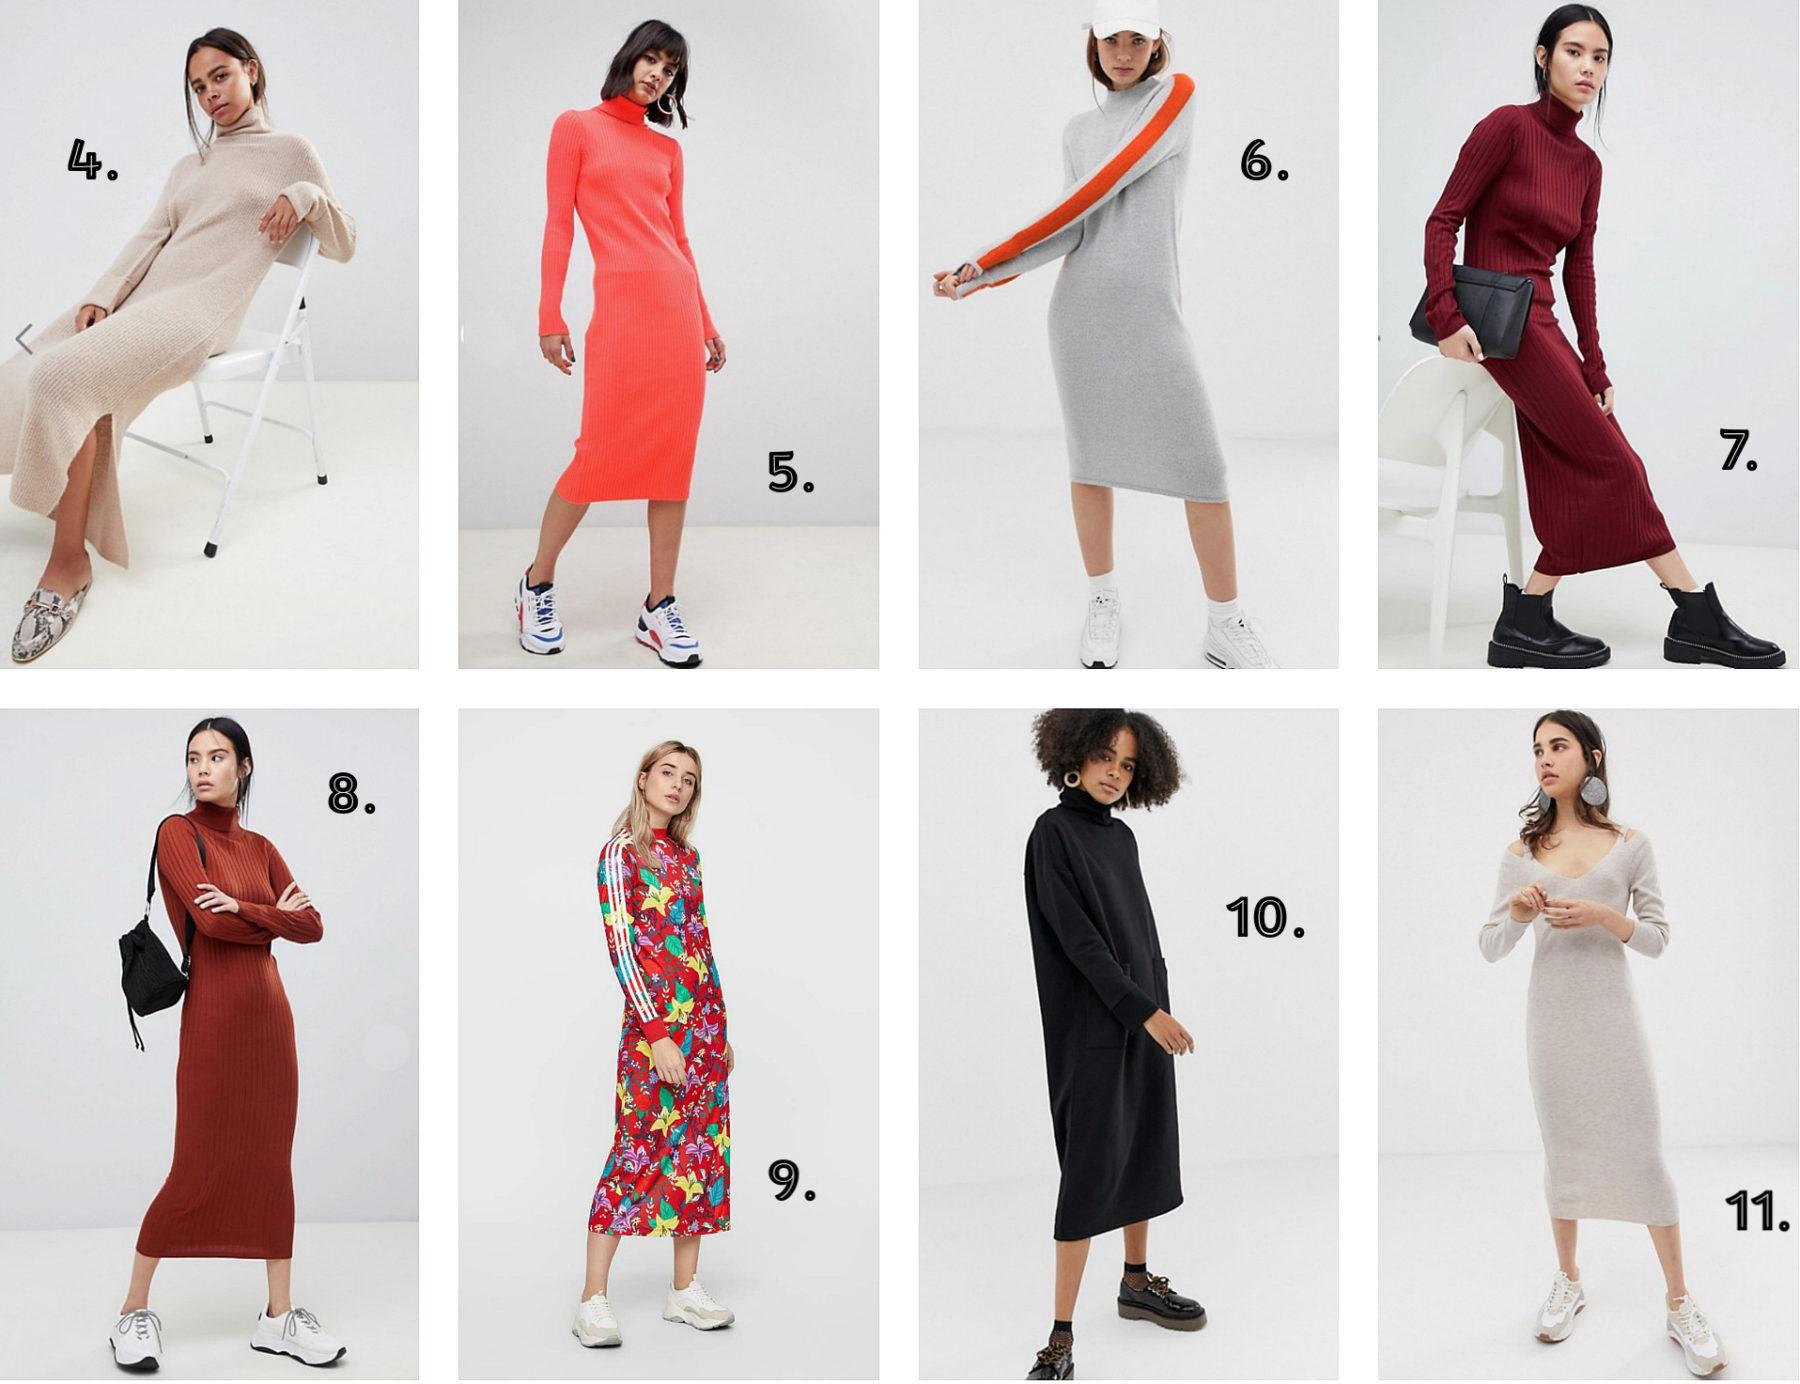 044423ee Høyhalset kjole i superfresh farge HER // 6. Midi-dress med oransje stripe  på ermene HER // 7. Burgunderfarget kjole HER // 8. Rustfarget kjole HER  (denne ...